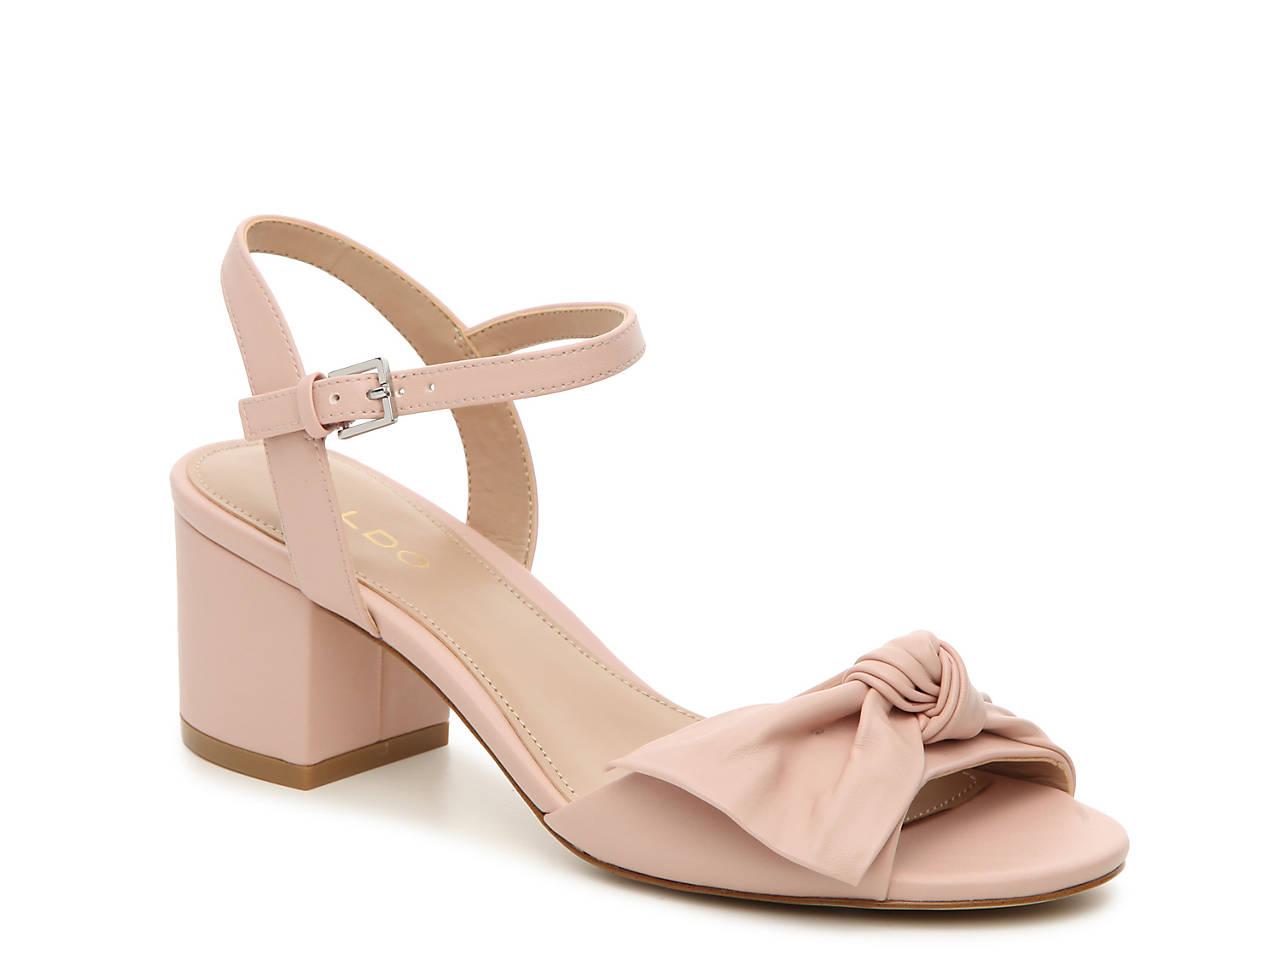 Black sandals at dsw - Knottie Sandal